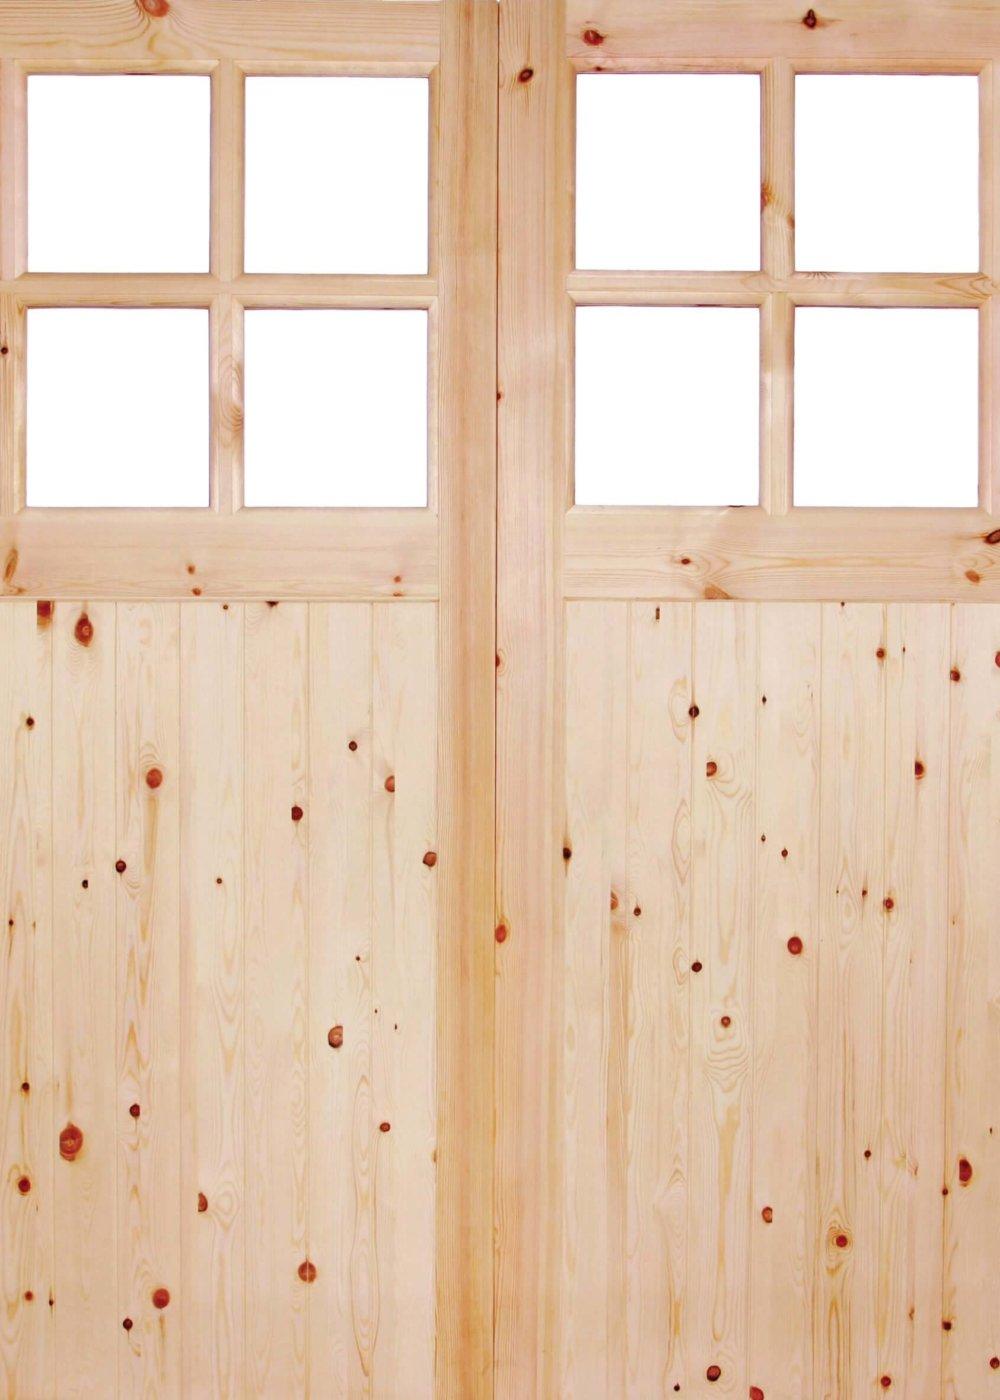 Redwood Framed Ledged and Braced 301 Unglazed Garage Door - Trading ...